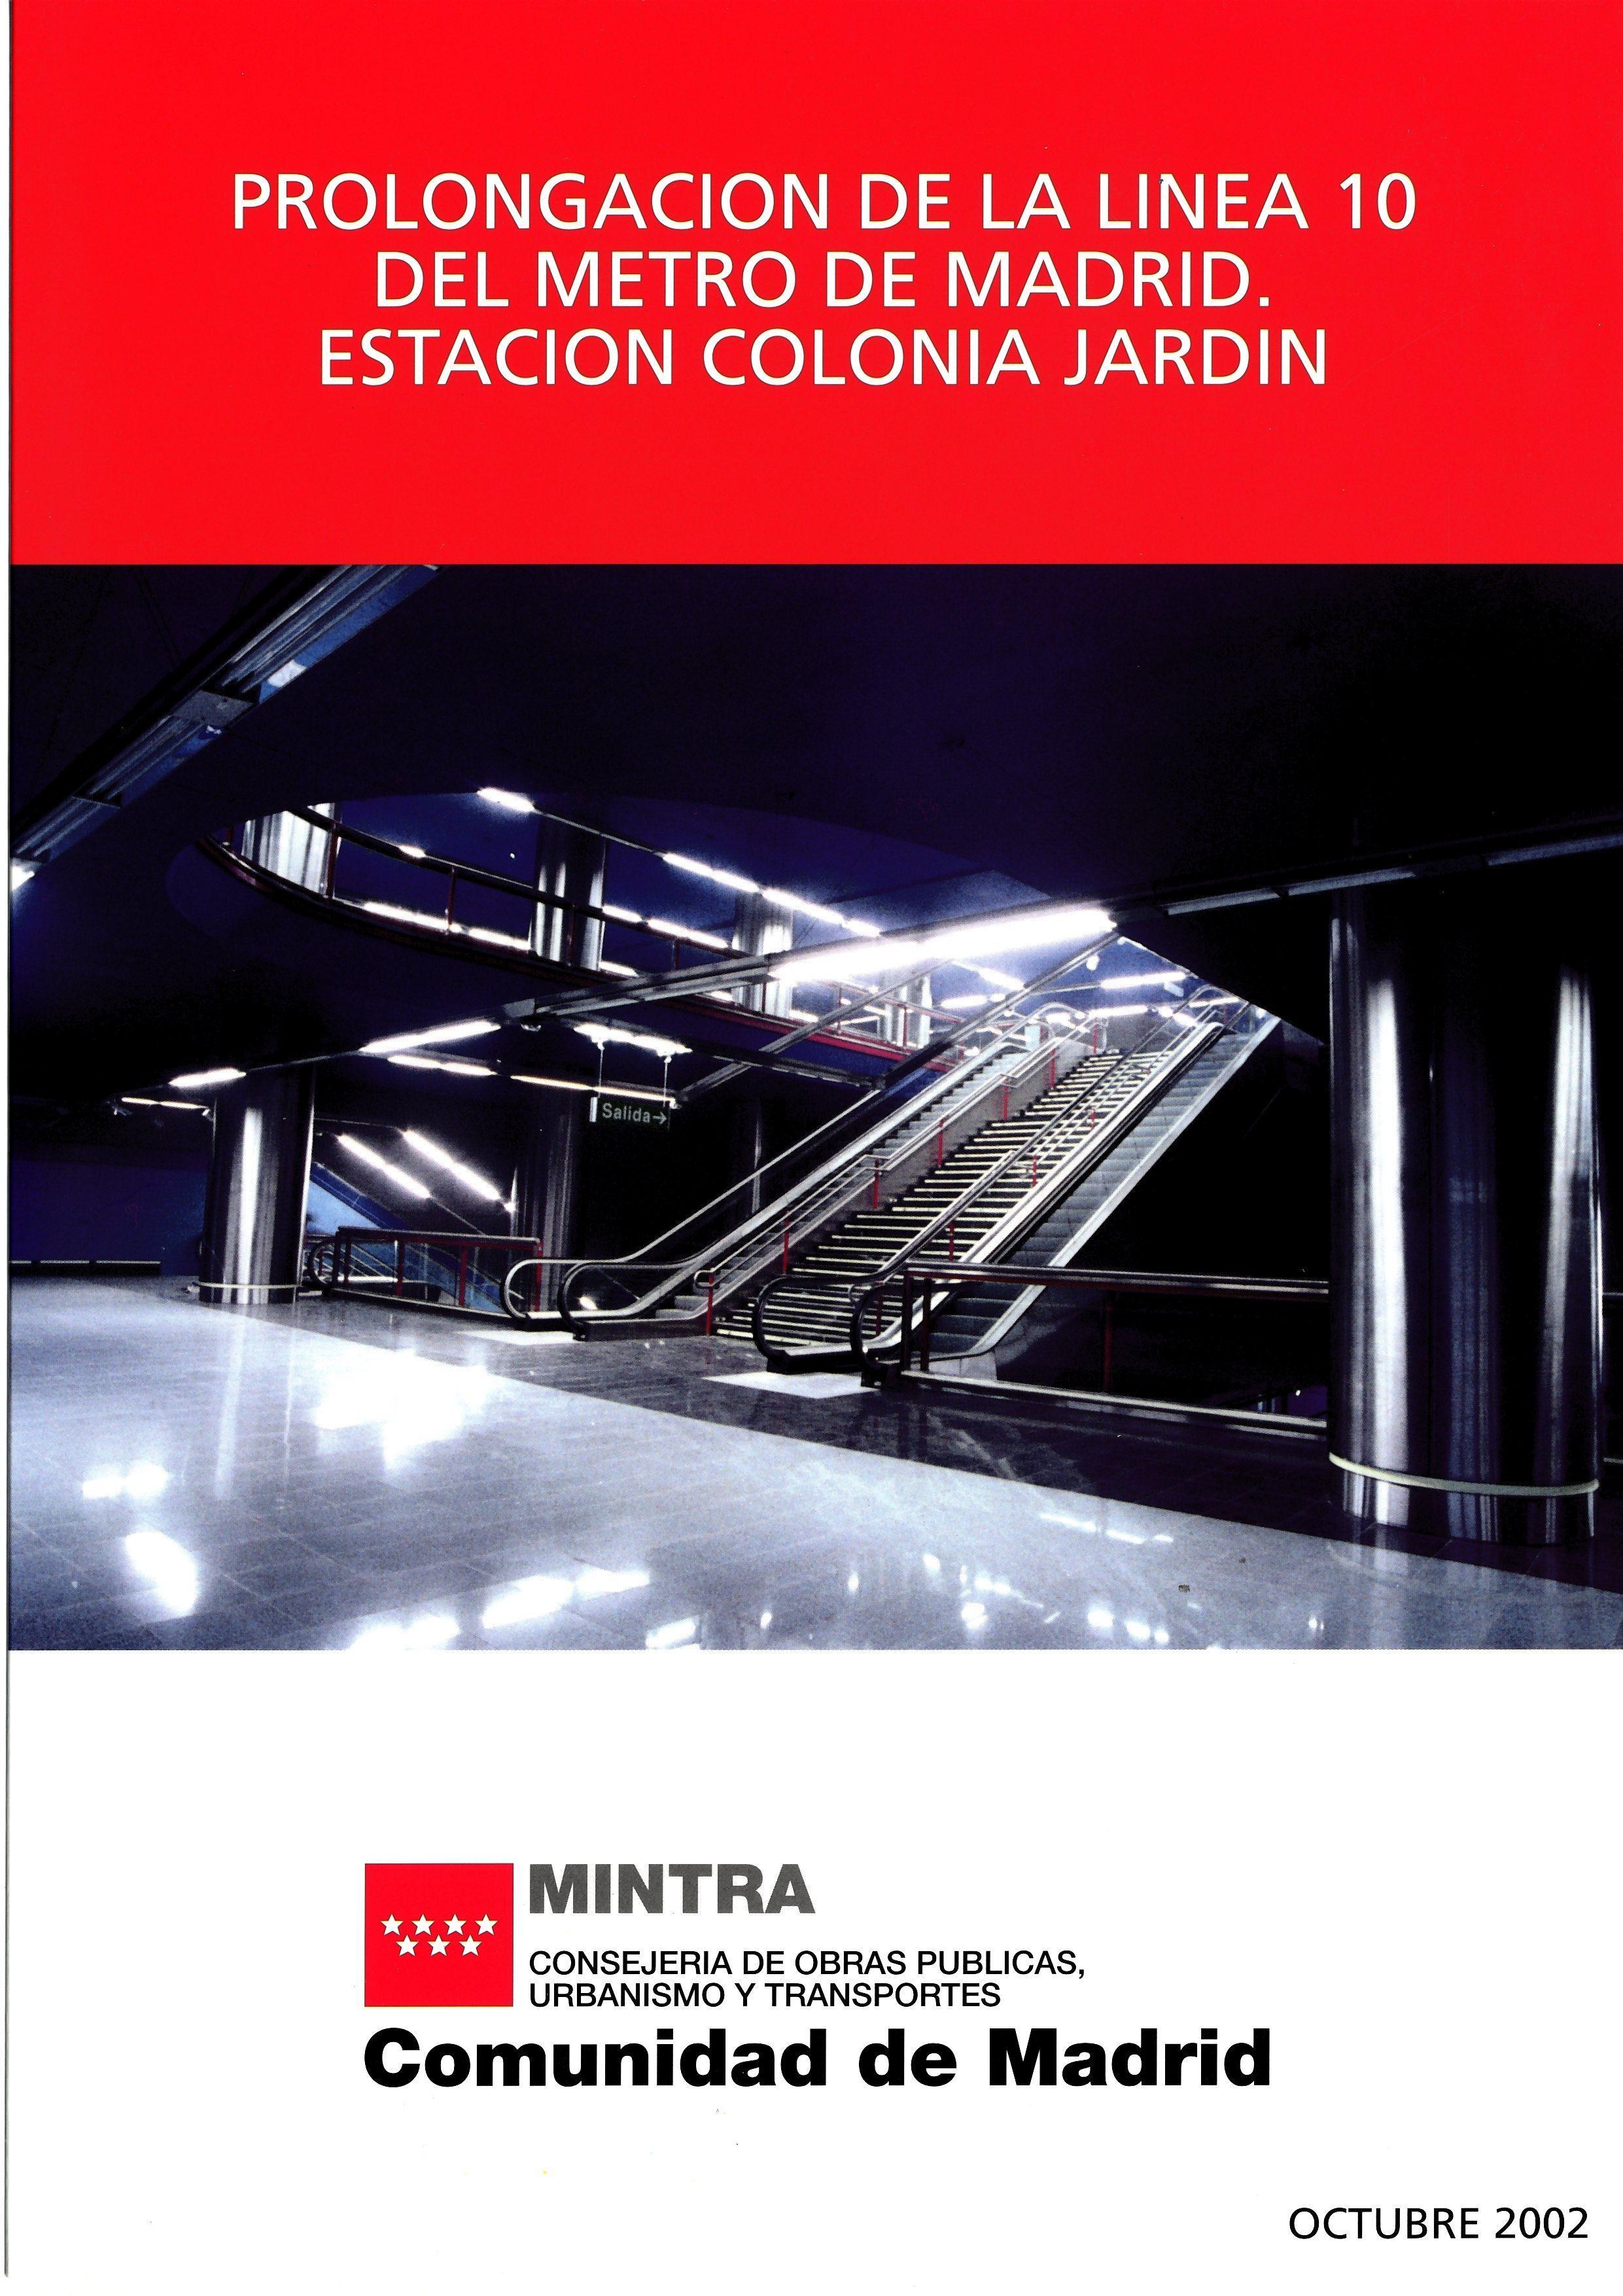 Carátula folleto estación Colonia Jardín